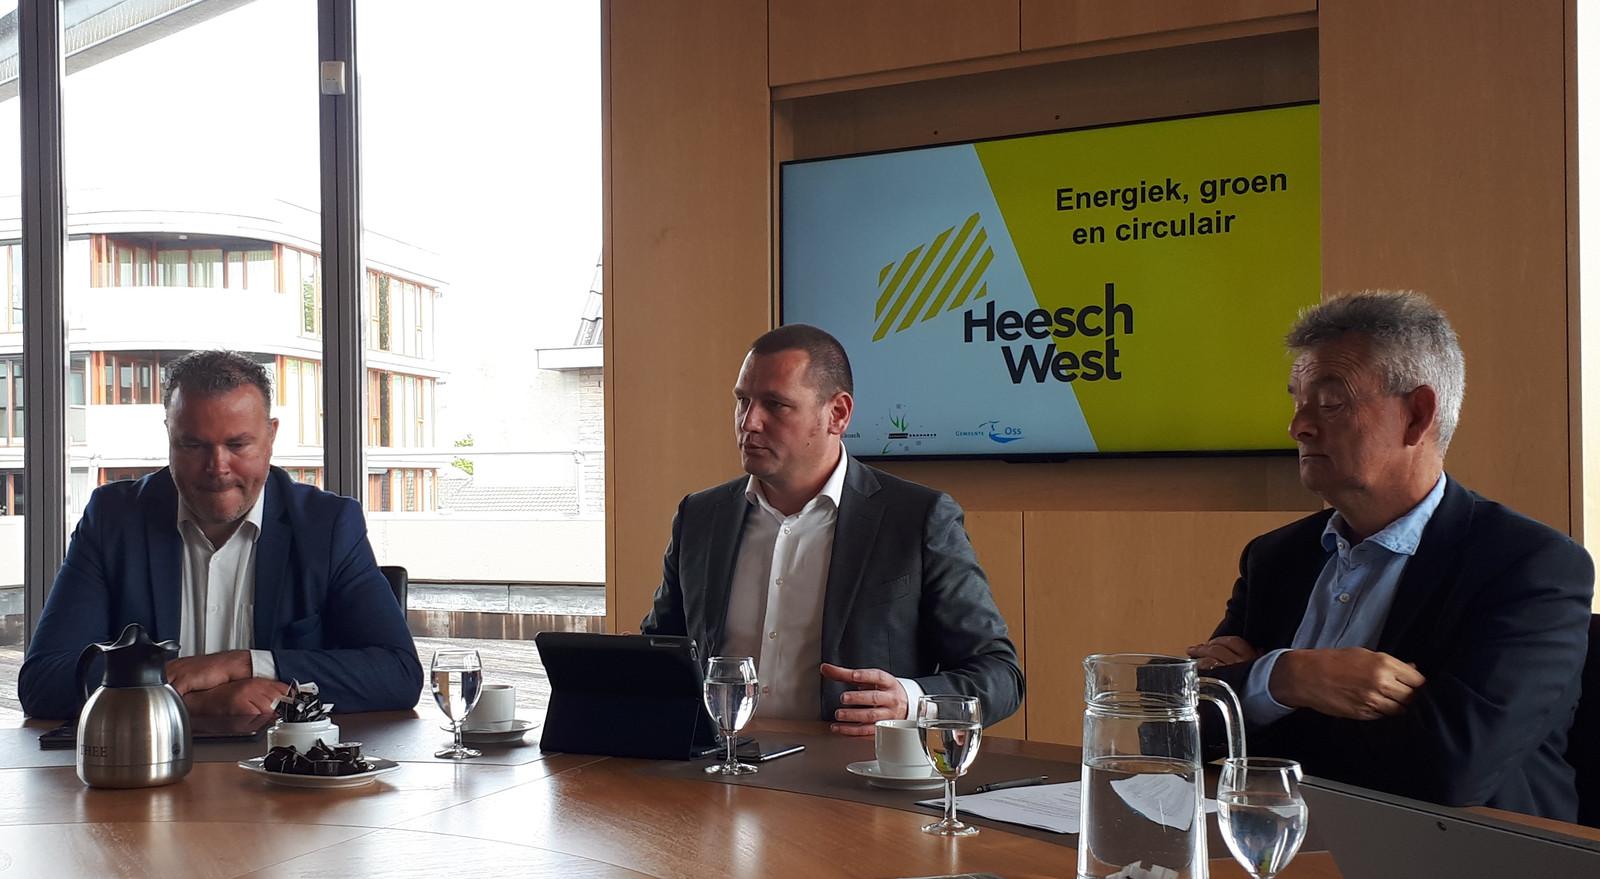 De wethouders Frank den Brok, Roy Geers en Rien Wijdeven vertellen over Heesch West.